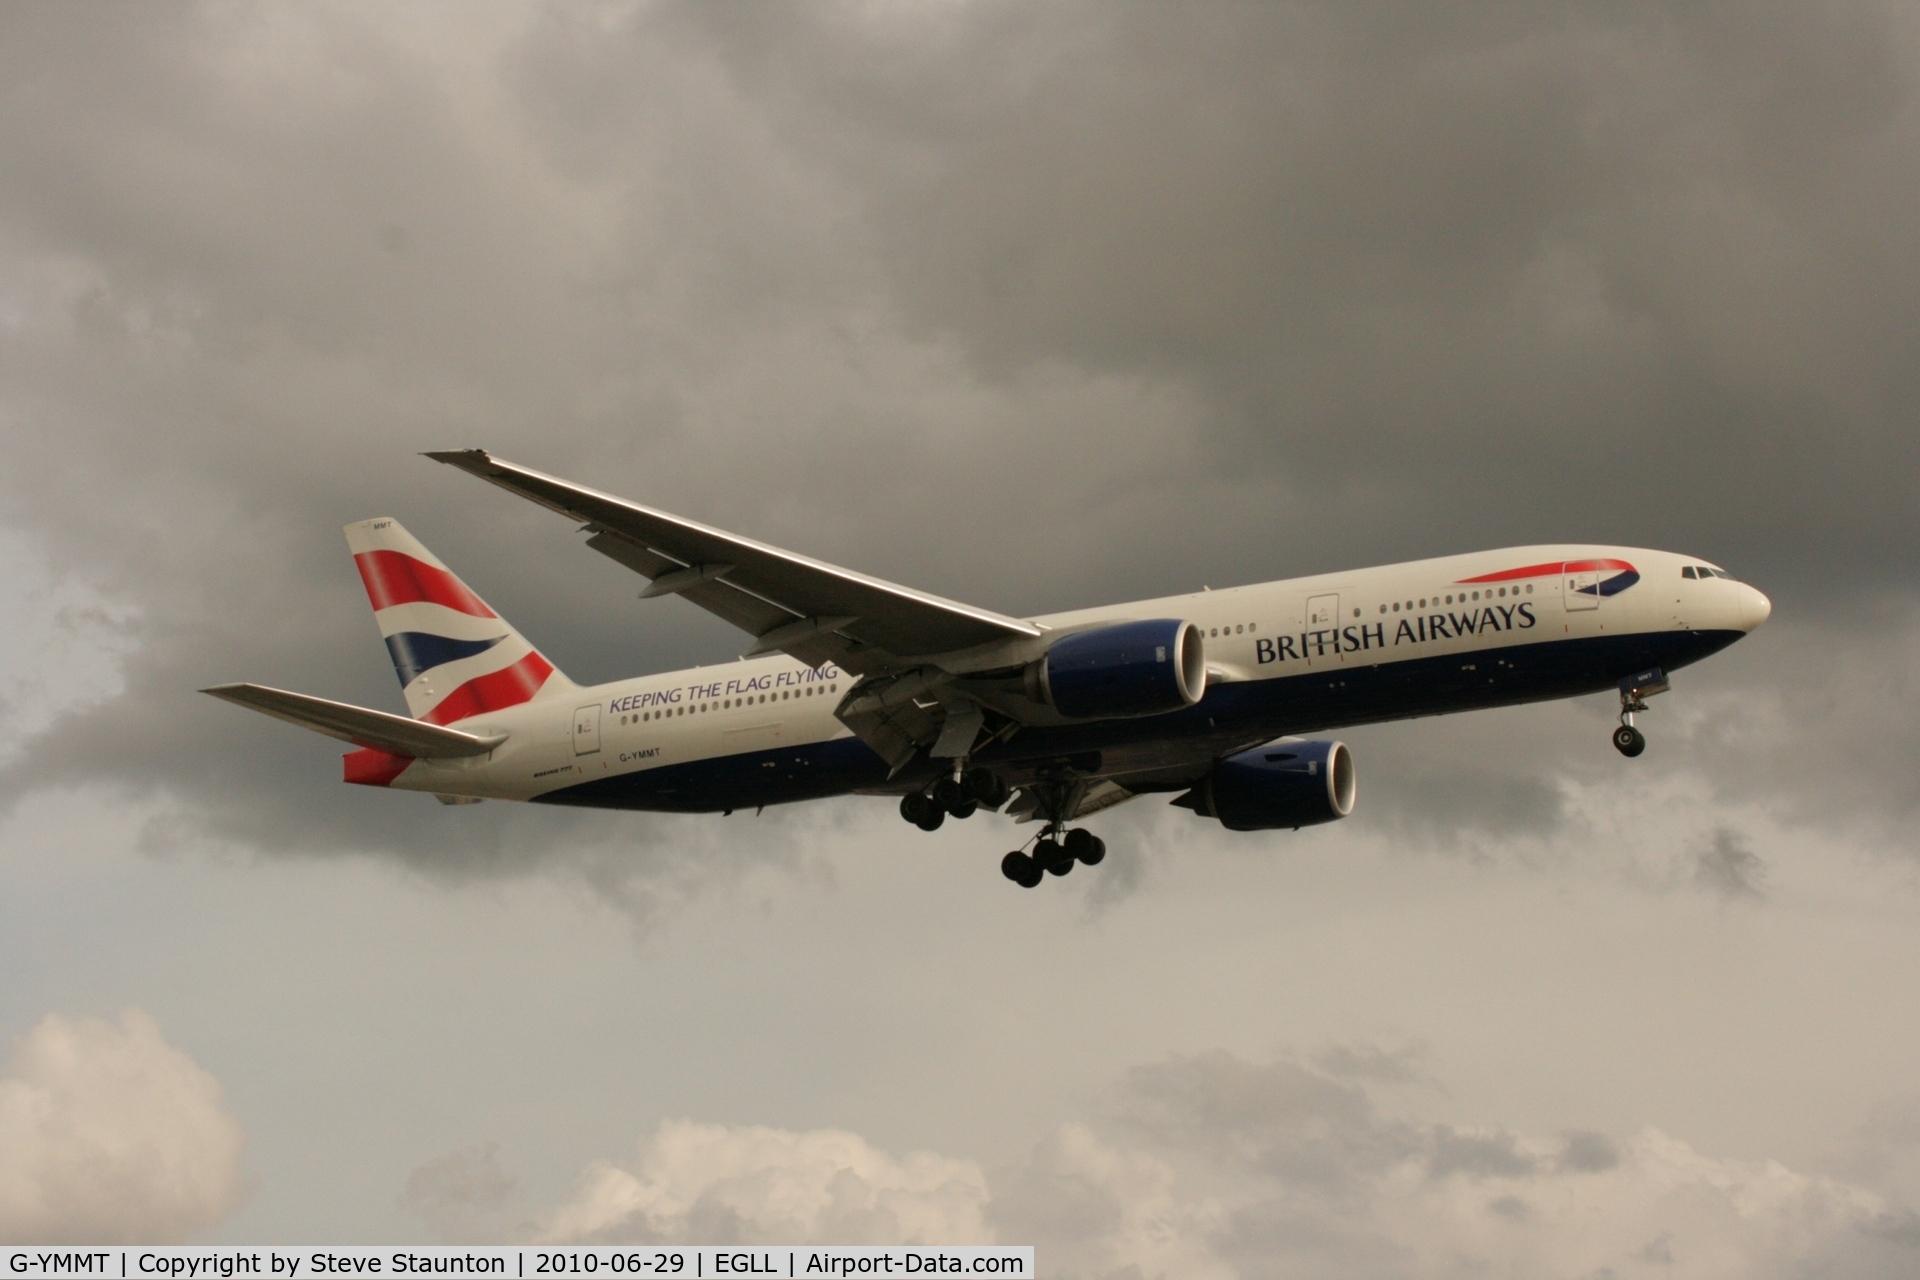 G-YMMT, 2009 Boeing 777-236/ER C/N 36518, Taken at Heathrow Airport, June 2010